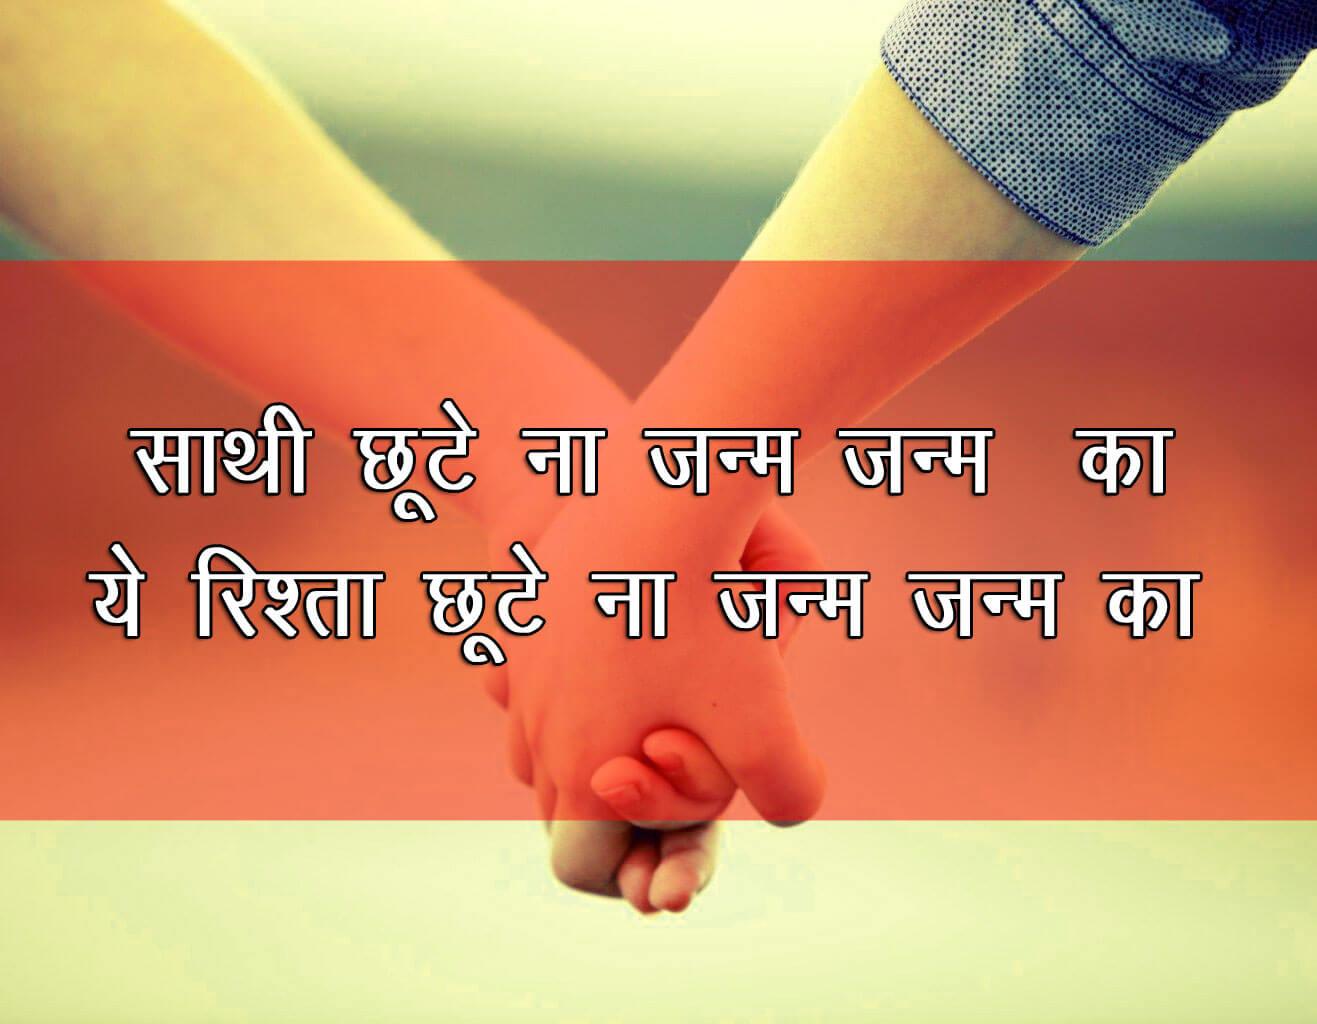 Shayari Love 18